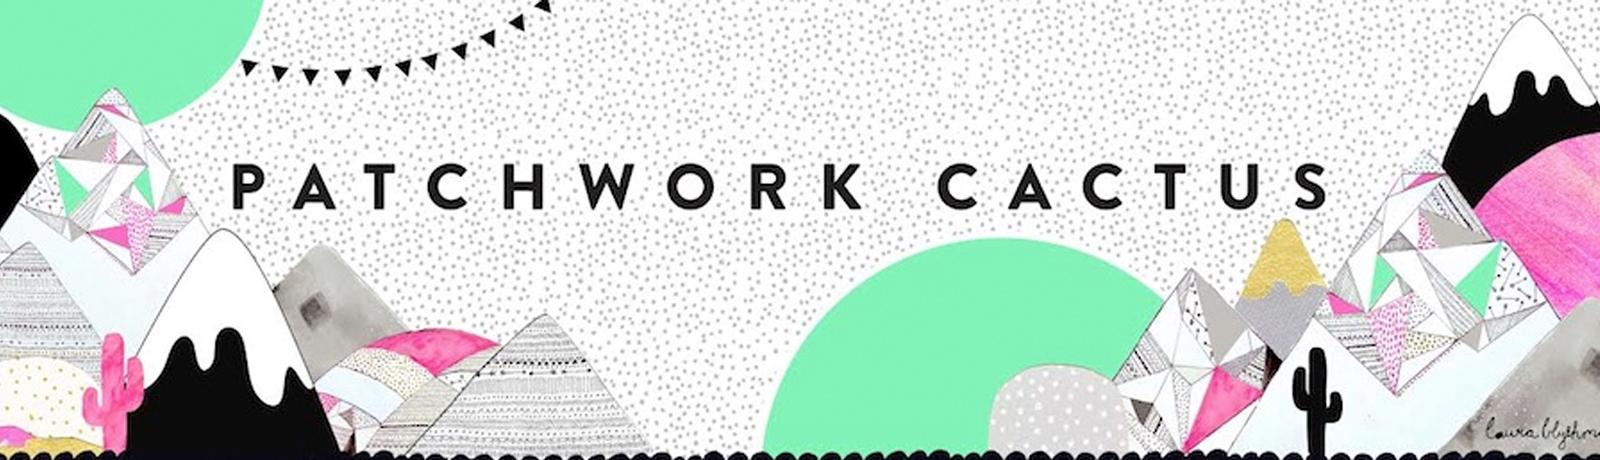 Blog_Webbanner_PatchworkCactus